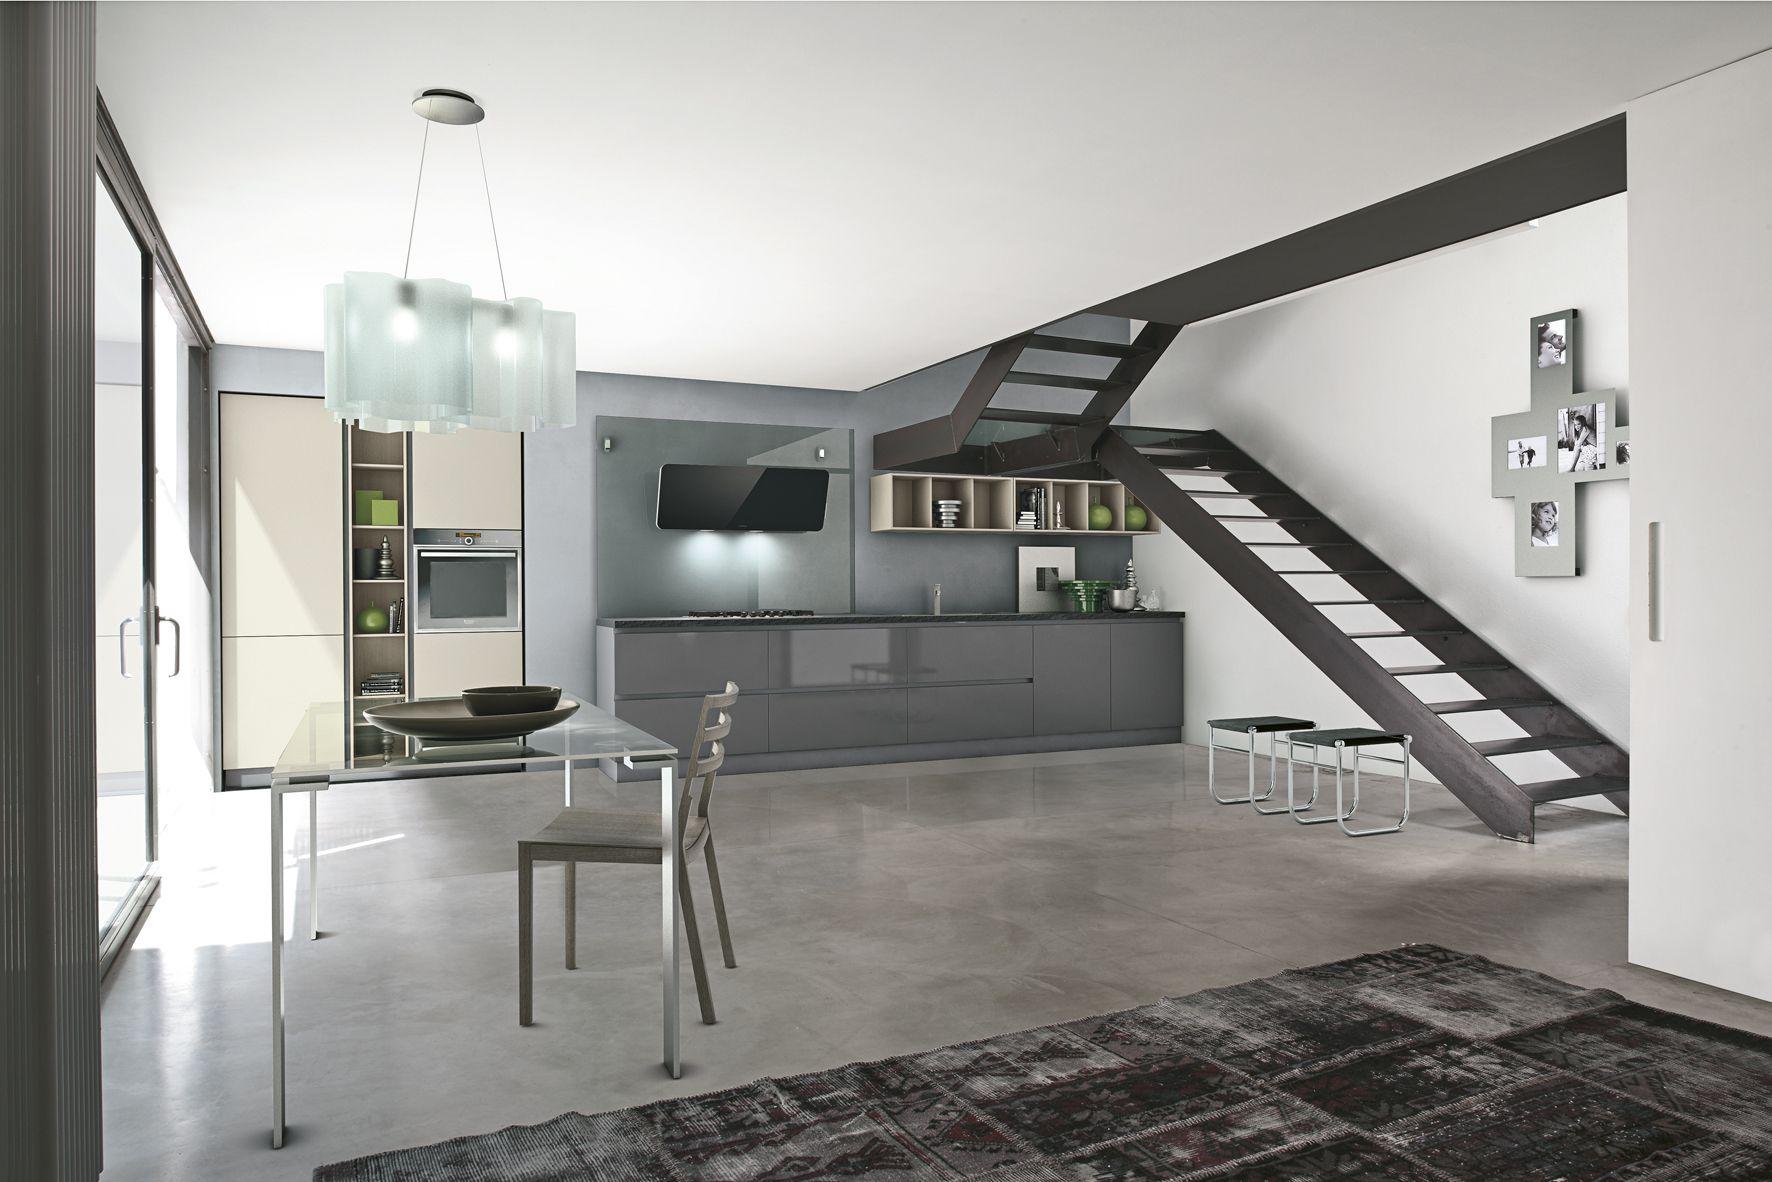 Bagno ardesia ~ Arredo bagno cucina salotto camera da letto color melanzana 40